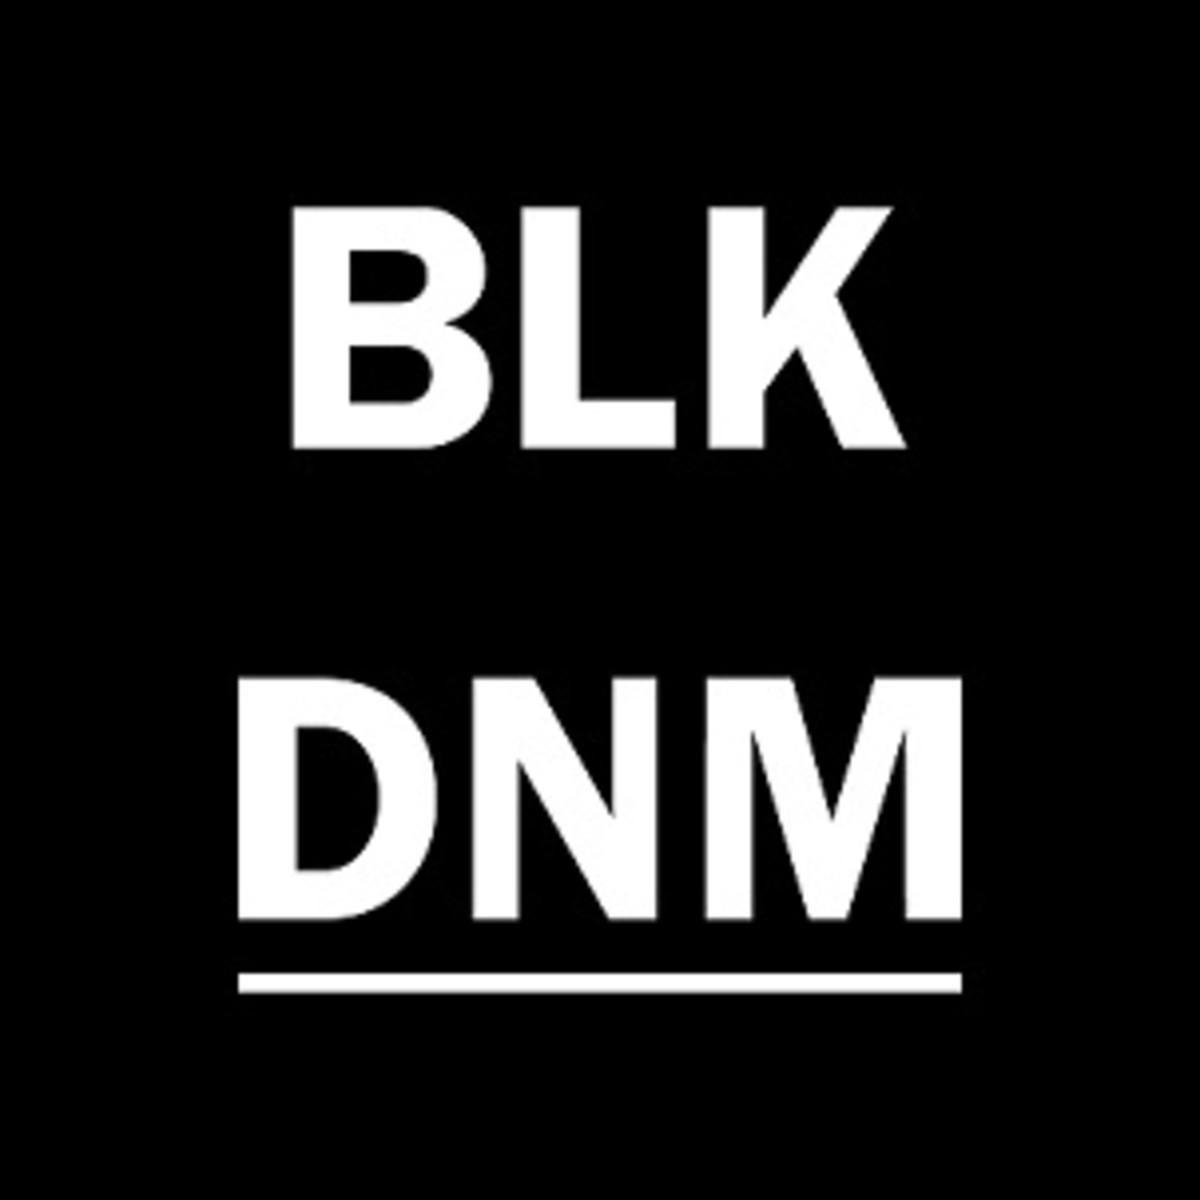 Blk Dnm logo.jpg